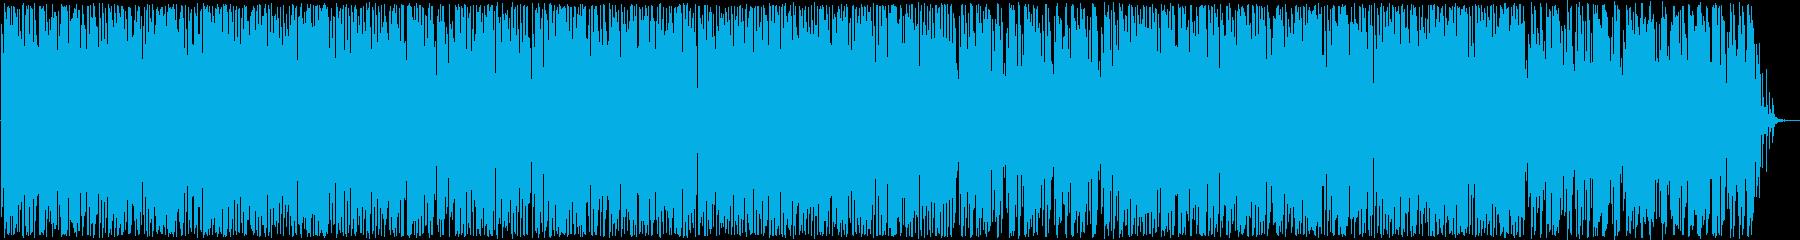 明るいラテン系トランペットなどのサウンドの再生済みの波形